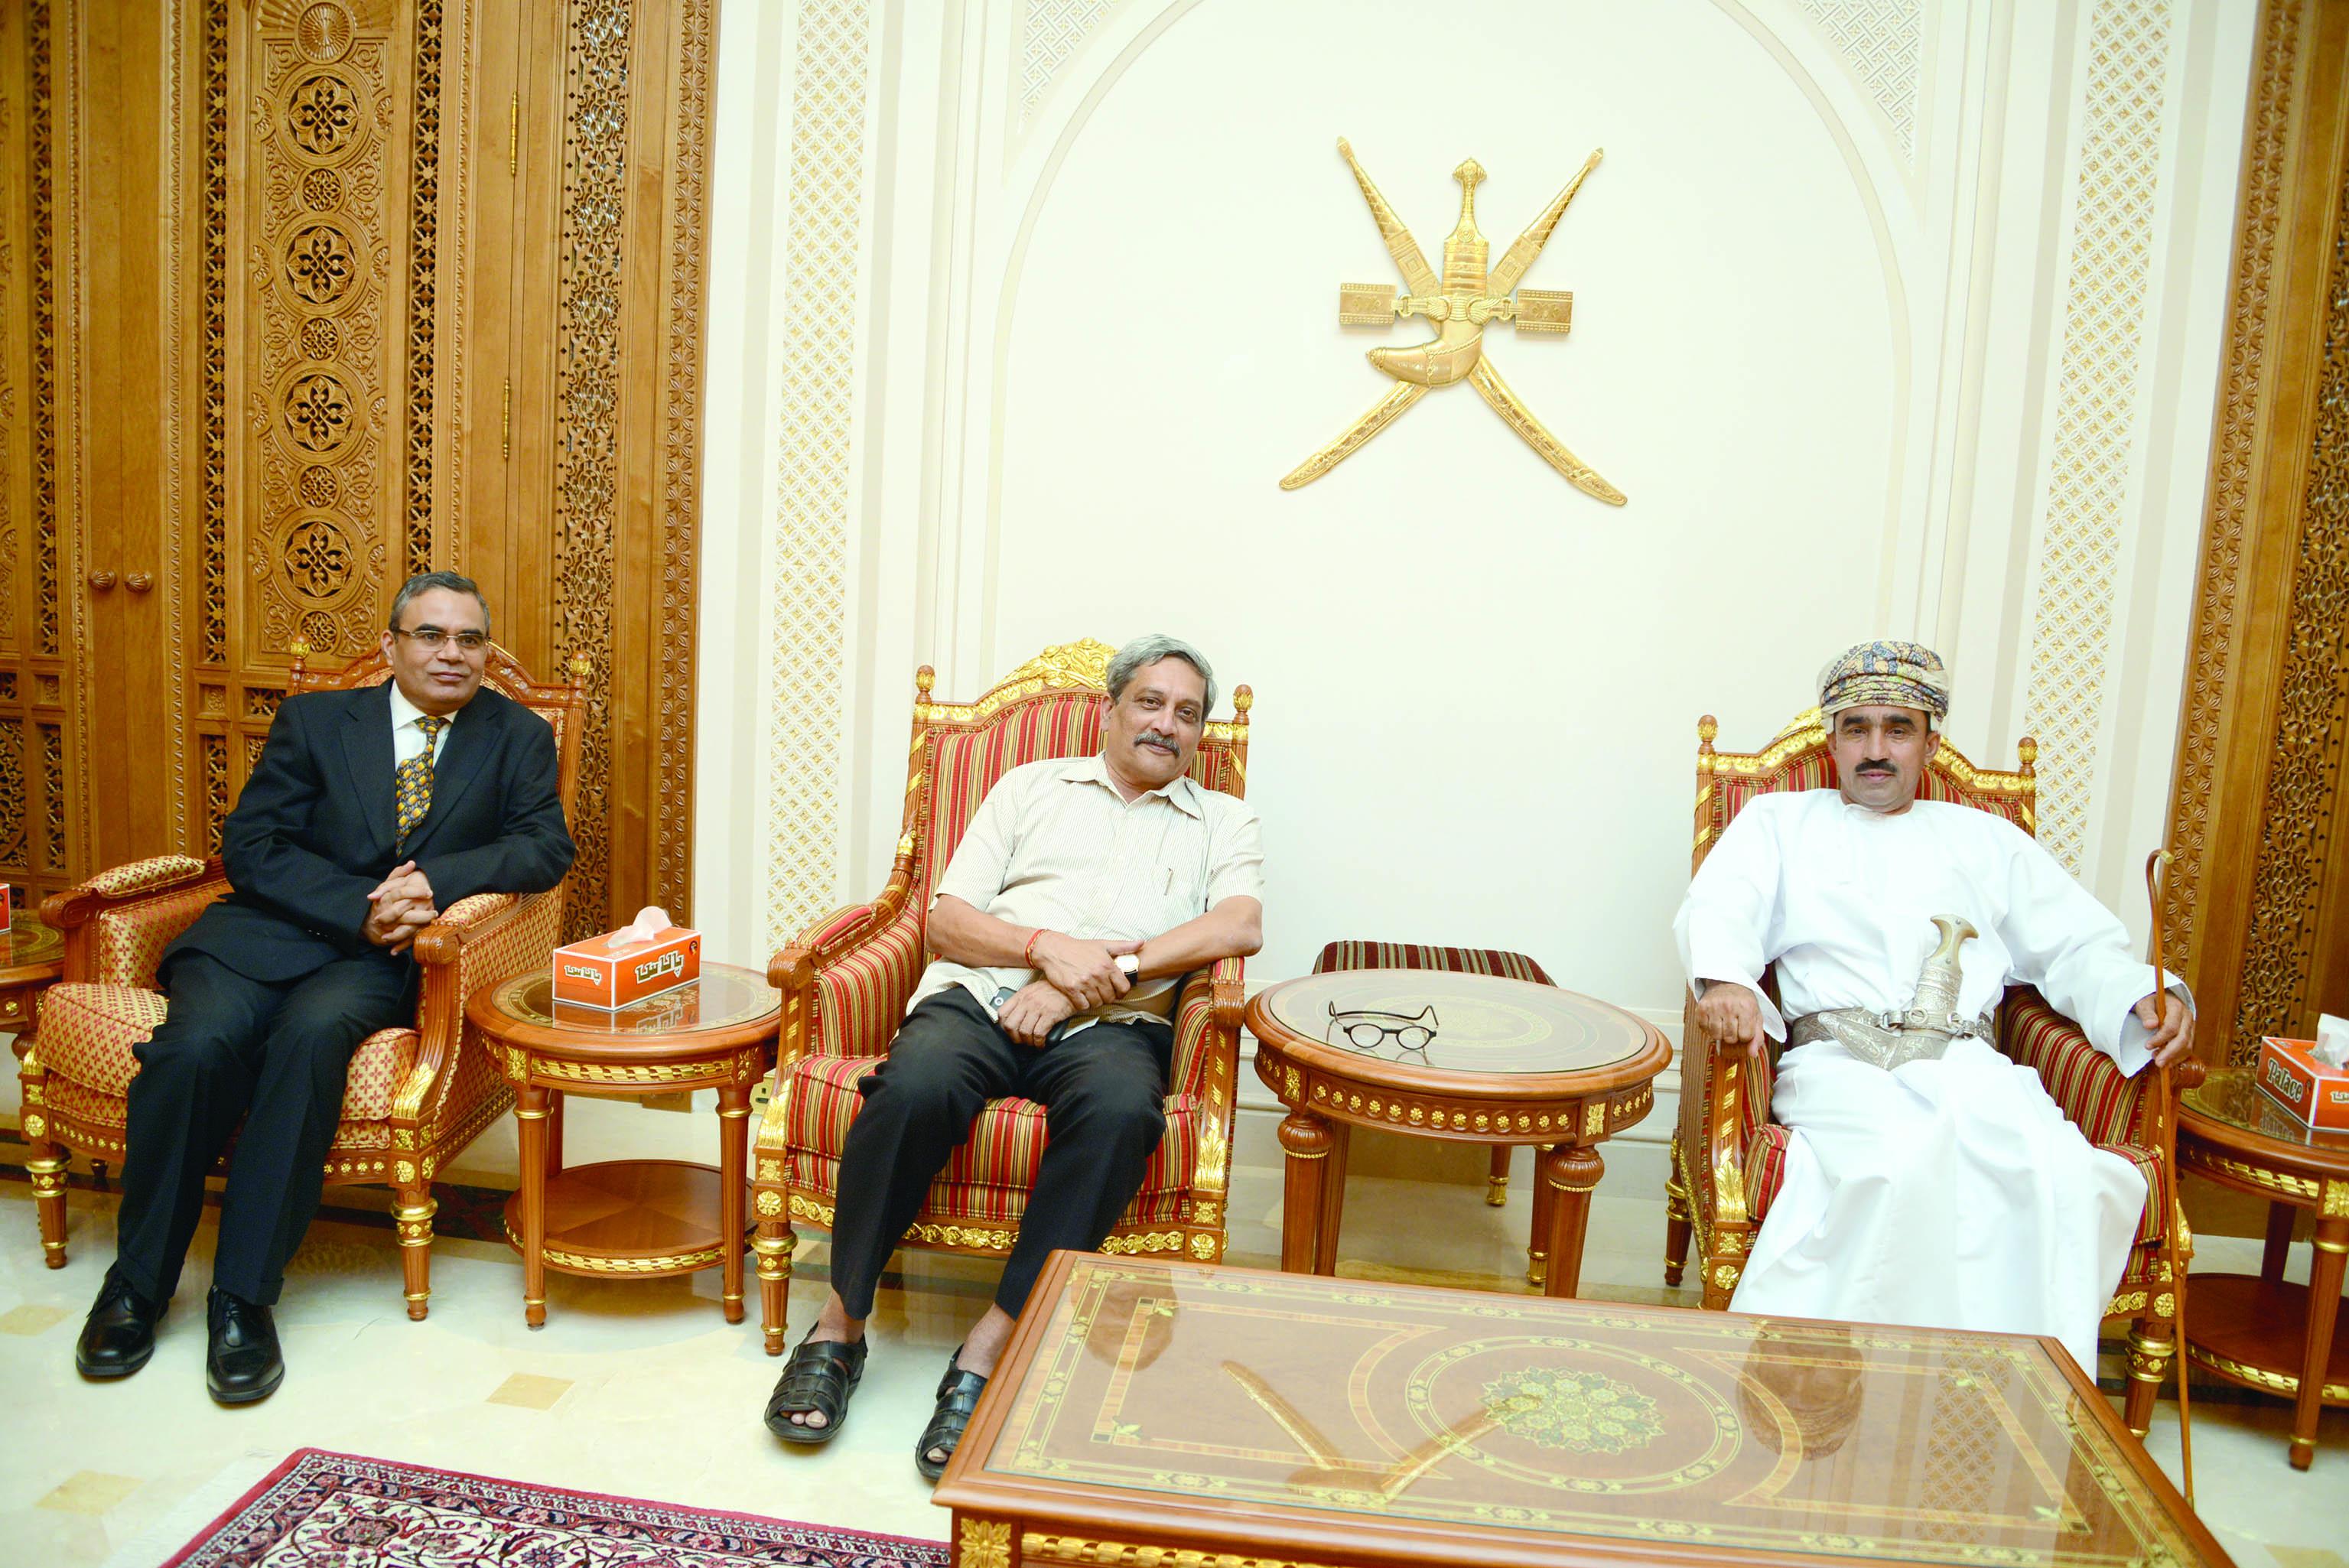 وزير الدفاع الهندي يزور السلطنة